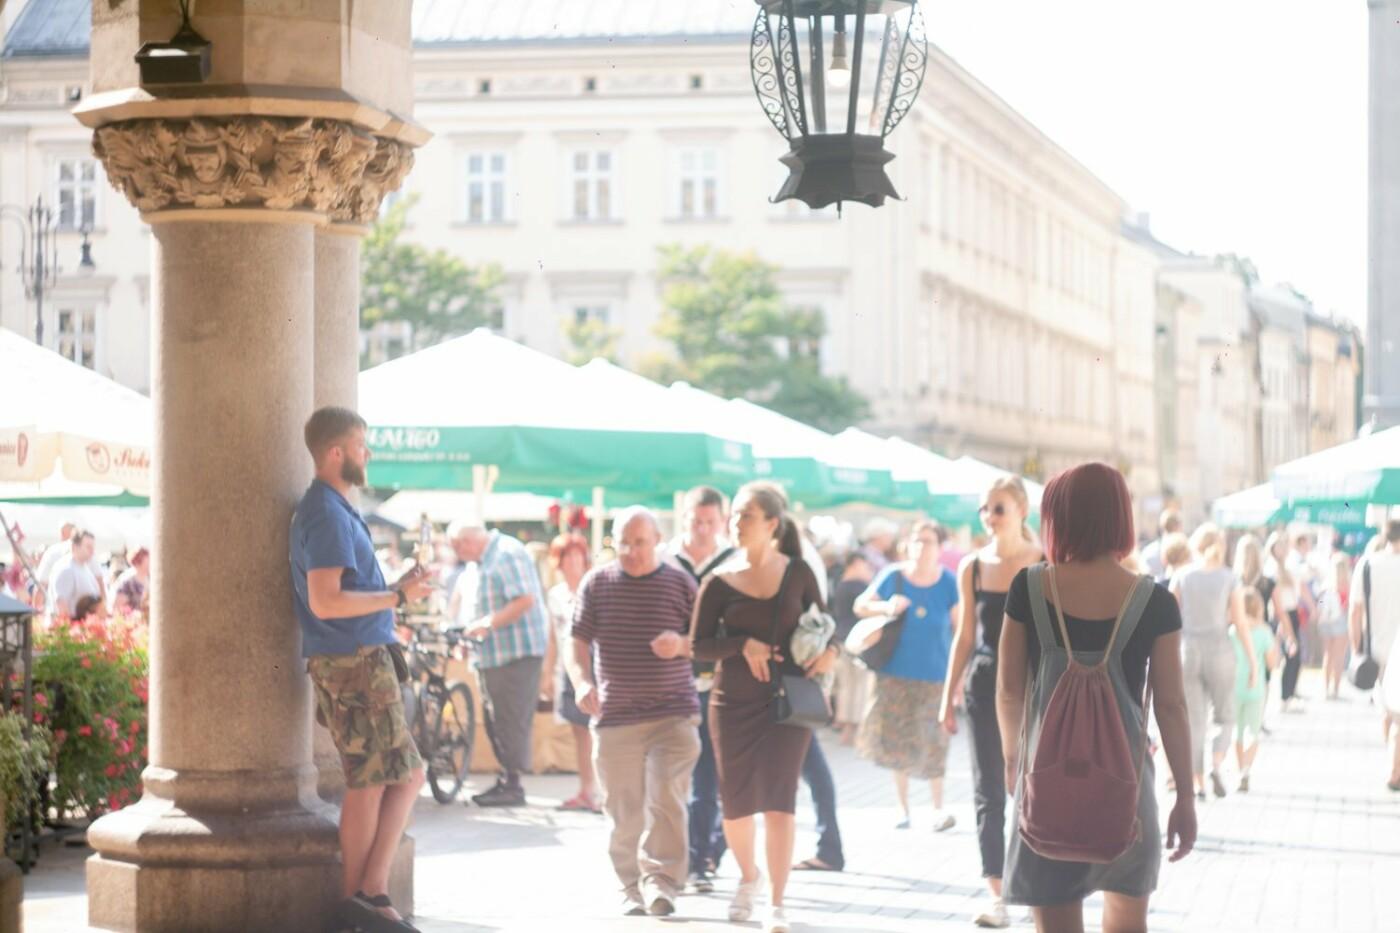 Приехать в Польшу и влюбиться, часть 1: мини-гайд по Кракову о жилье, транспорте и развлечениях, и экскурсия в Аушвиц-Биркенау , - ФОТО, фото-2